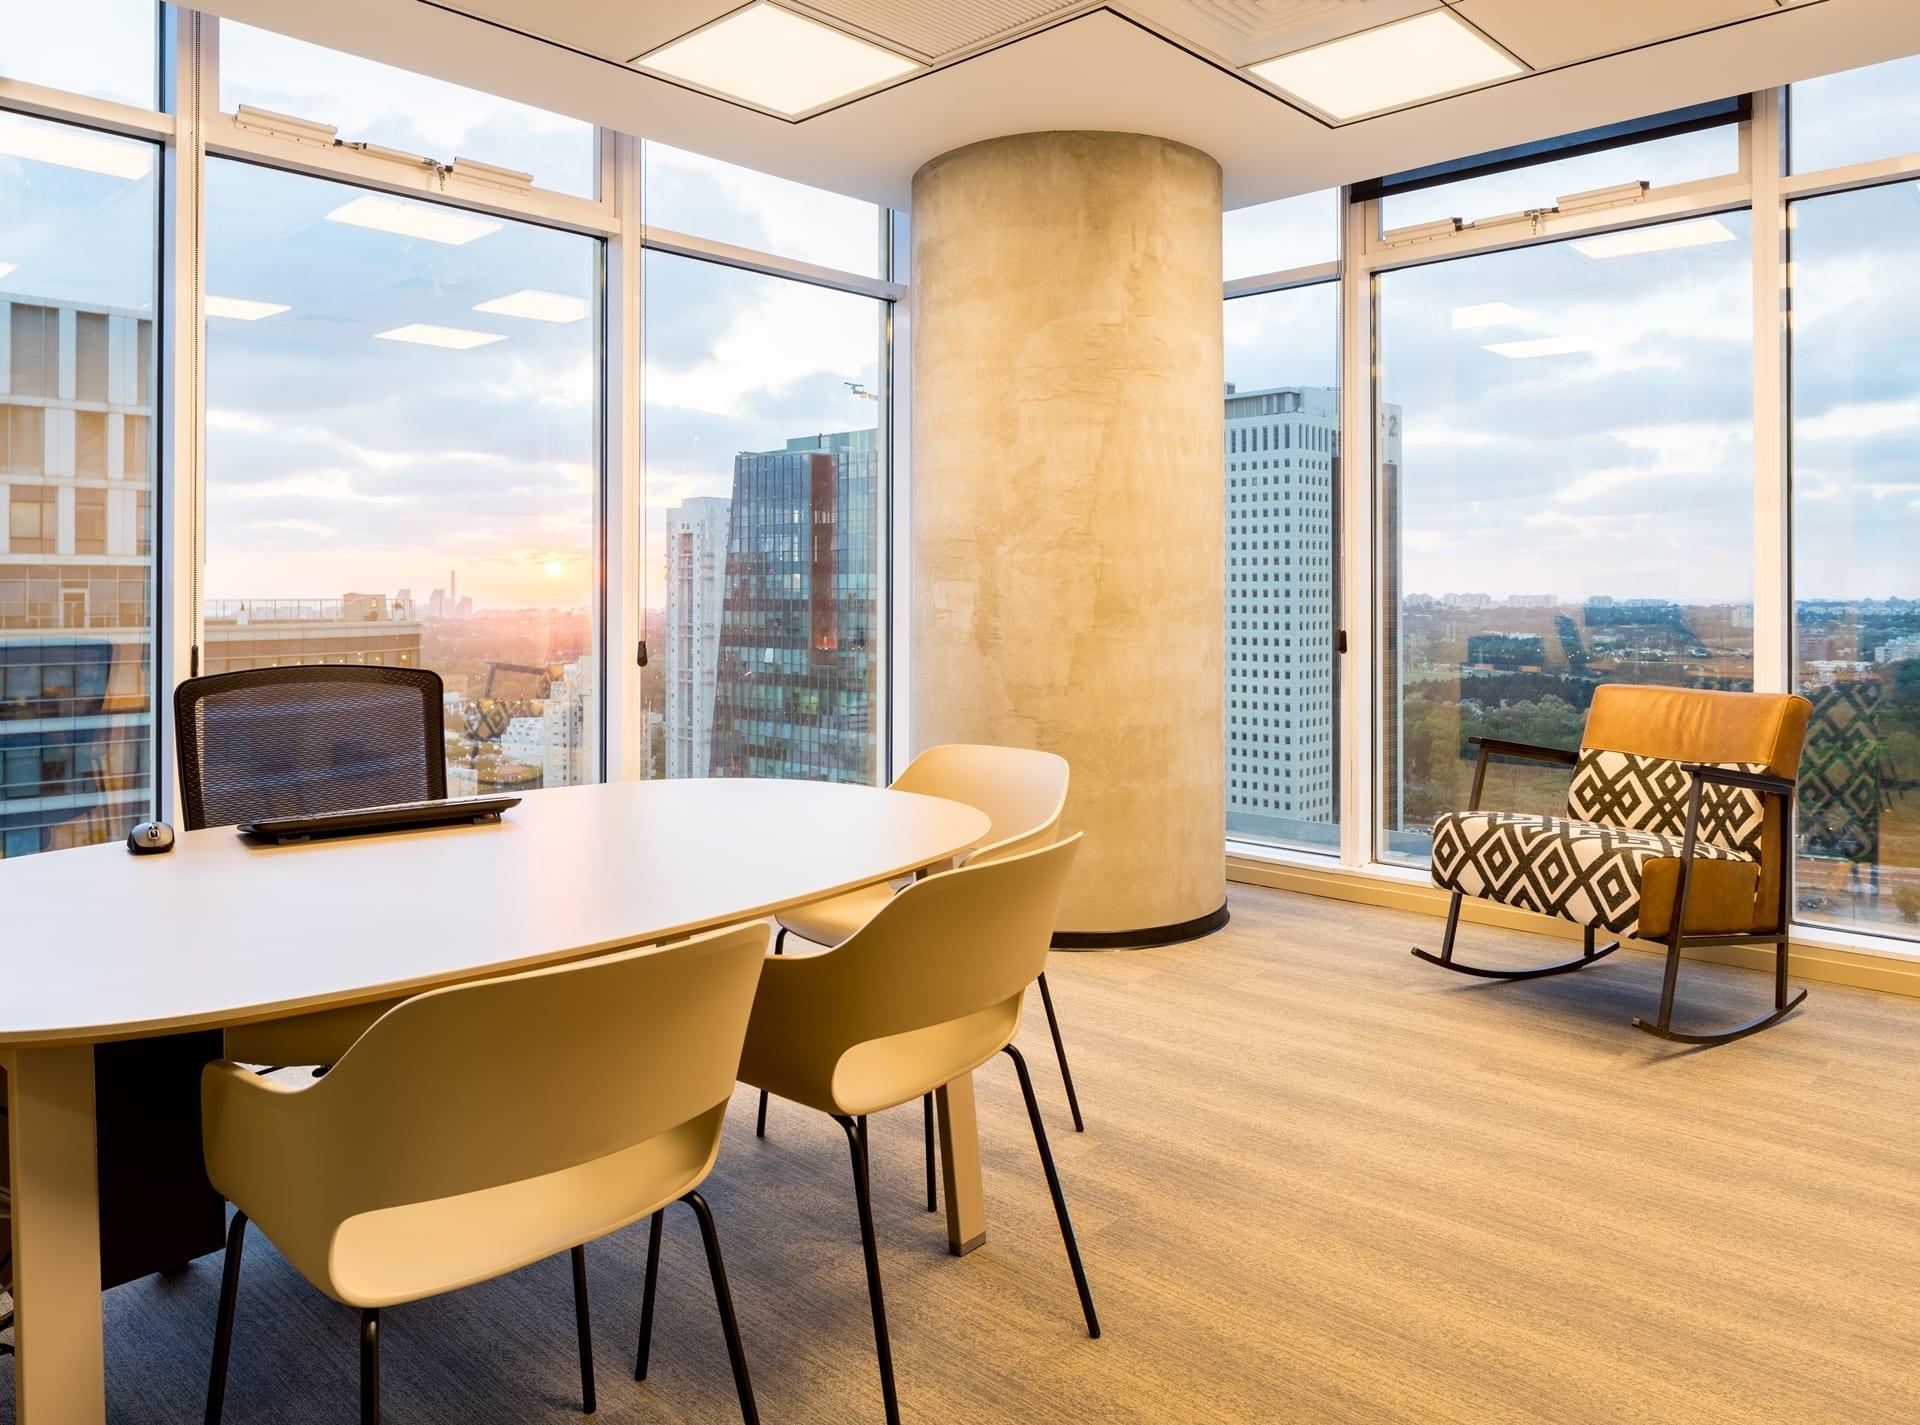 תכנון ועיצוב משרדים וסביבות עבודה